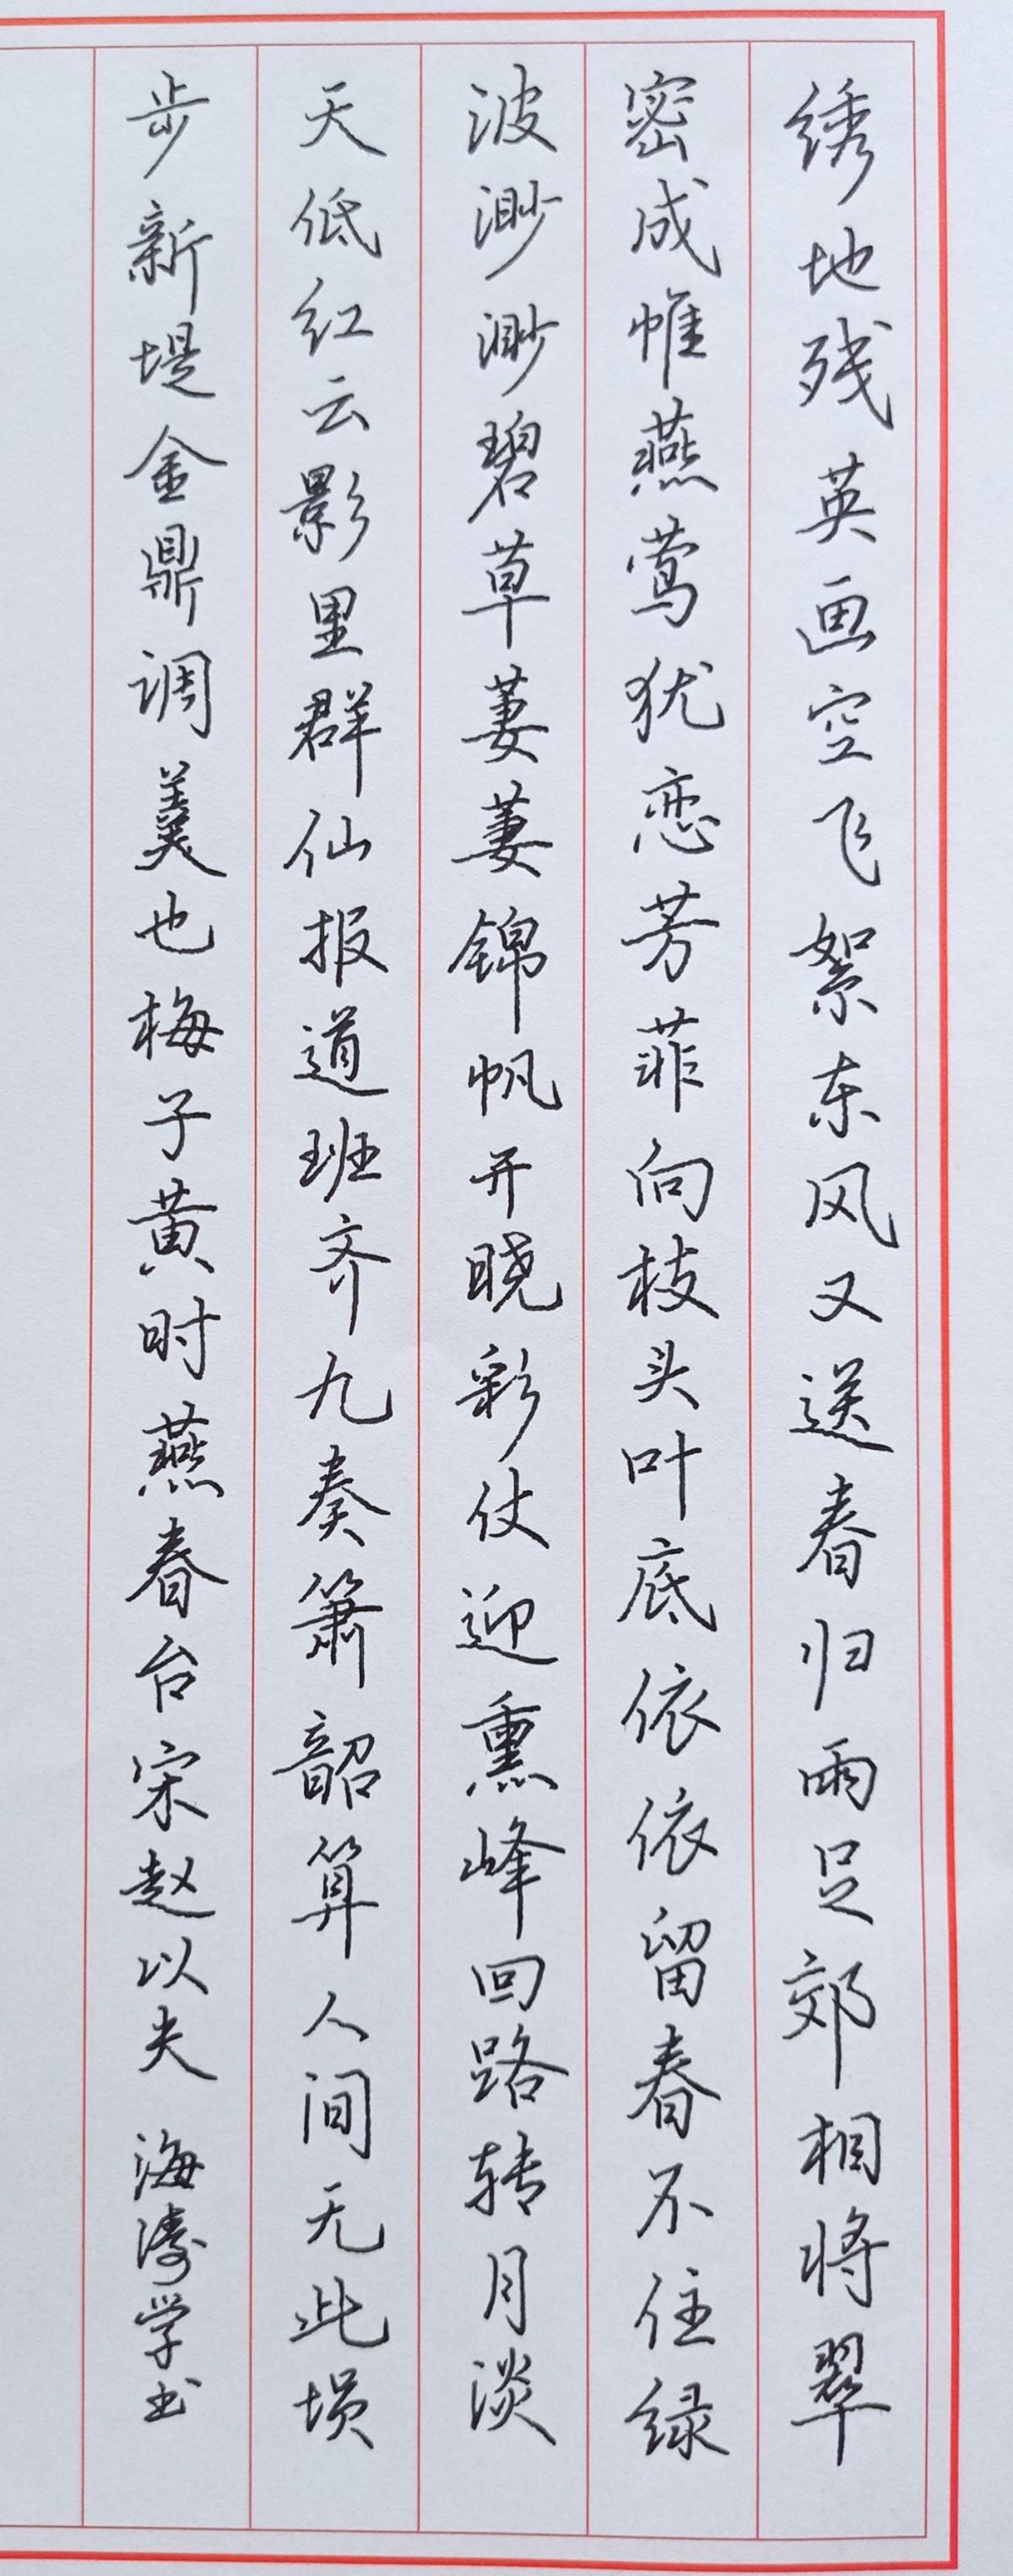 钢笔书法练字打卡20210817-06